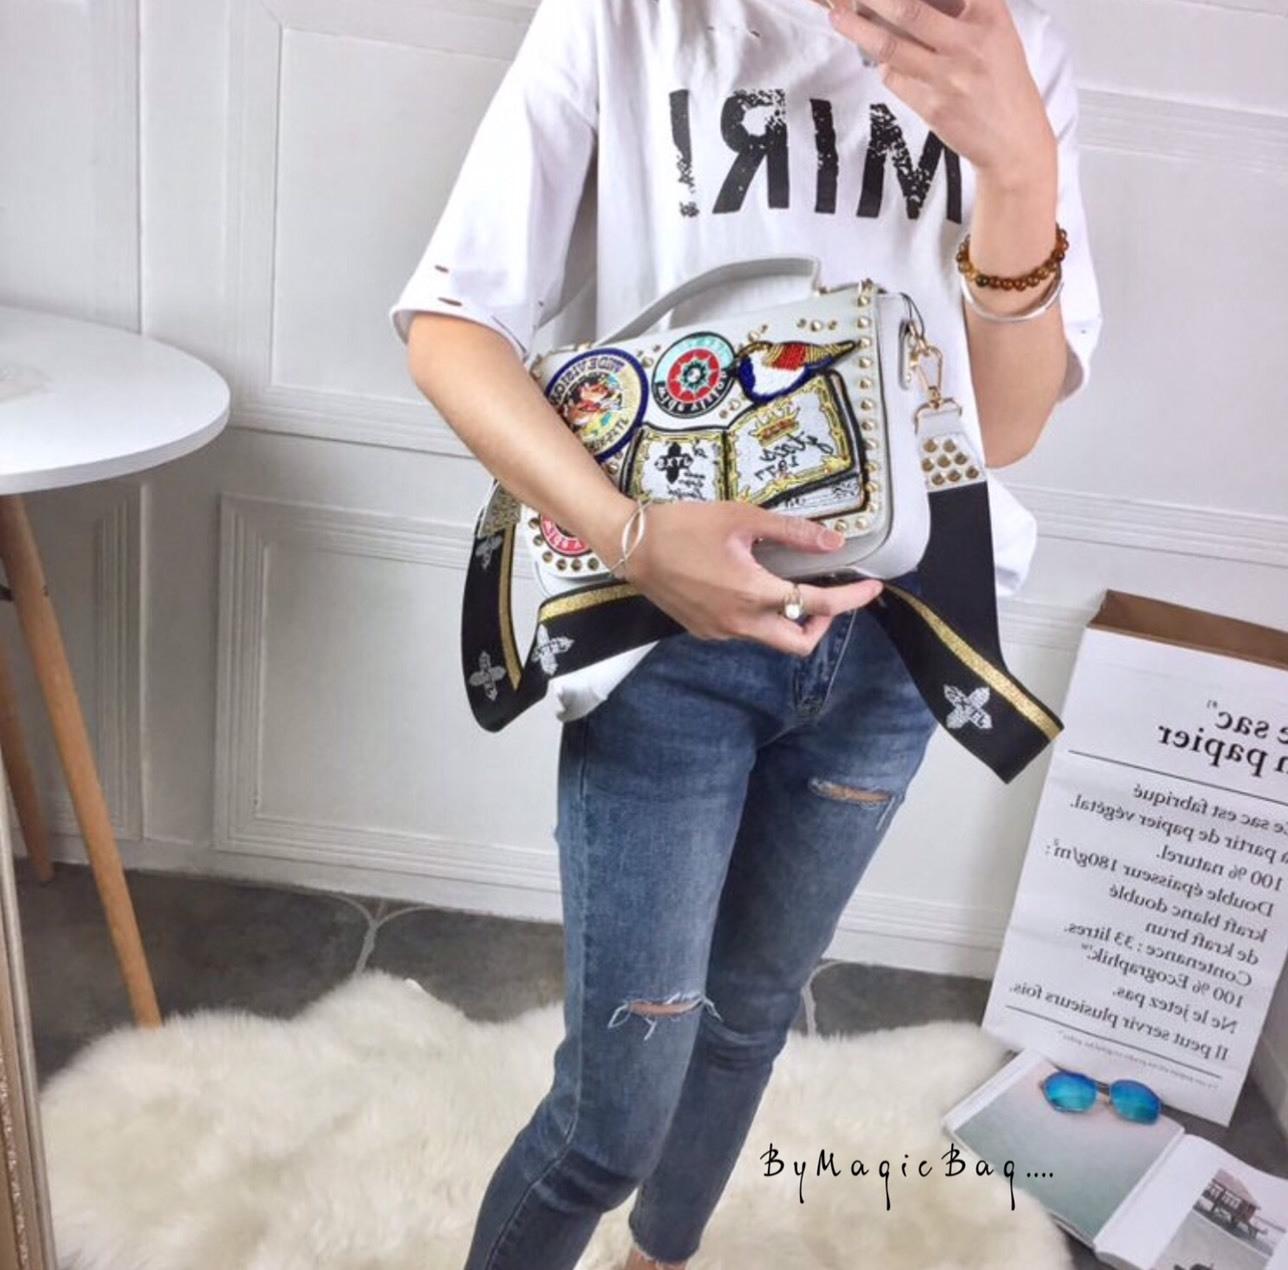 กระเป๋าสะพาย สีเทา JTXS bag made in Hong Kong 2017...งานแท้นะคะ